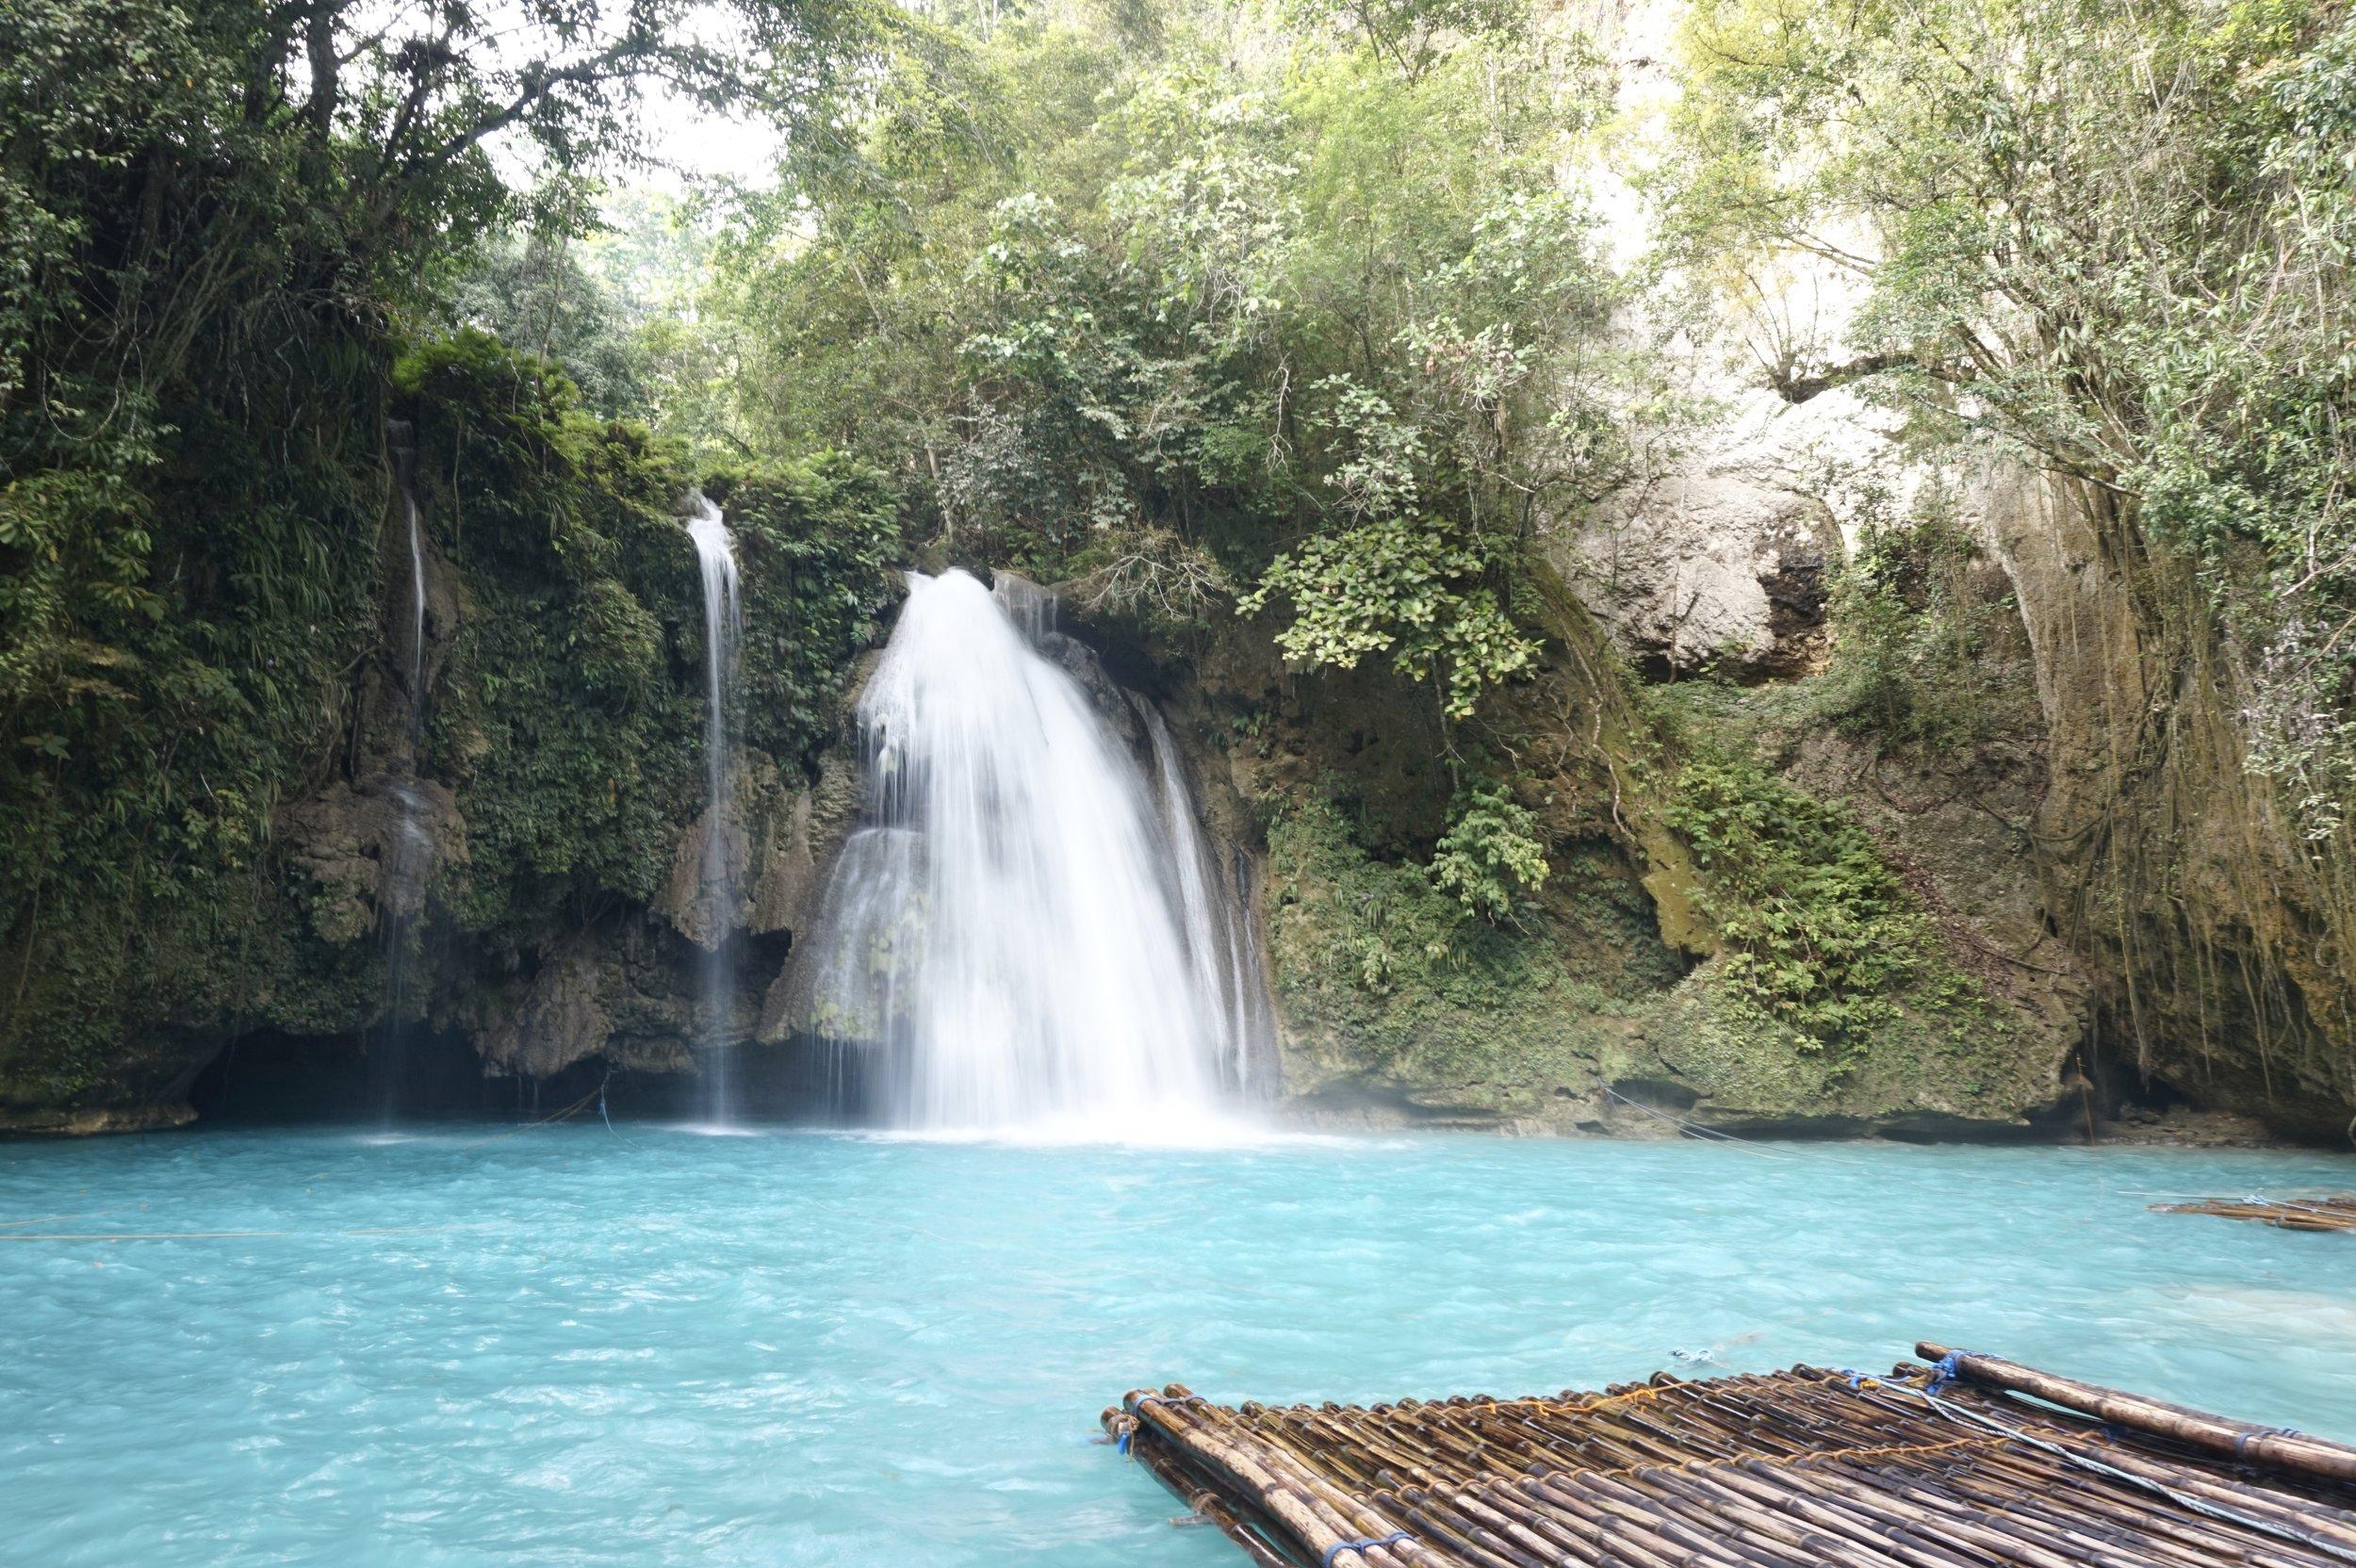 Cebu-Kawasan-Falls